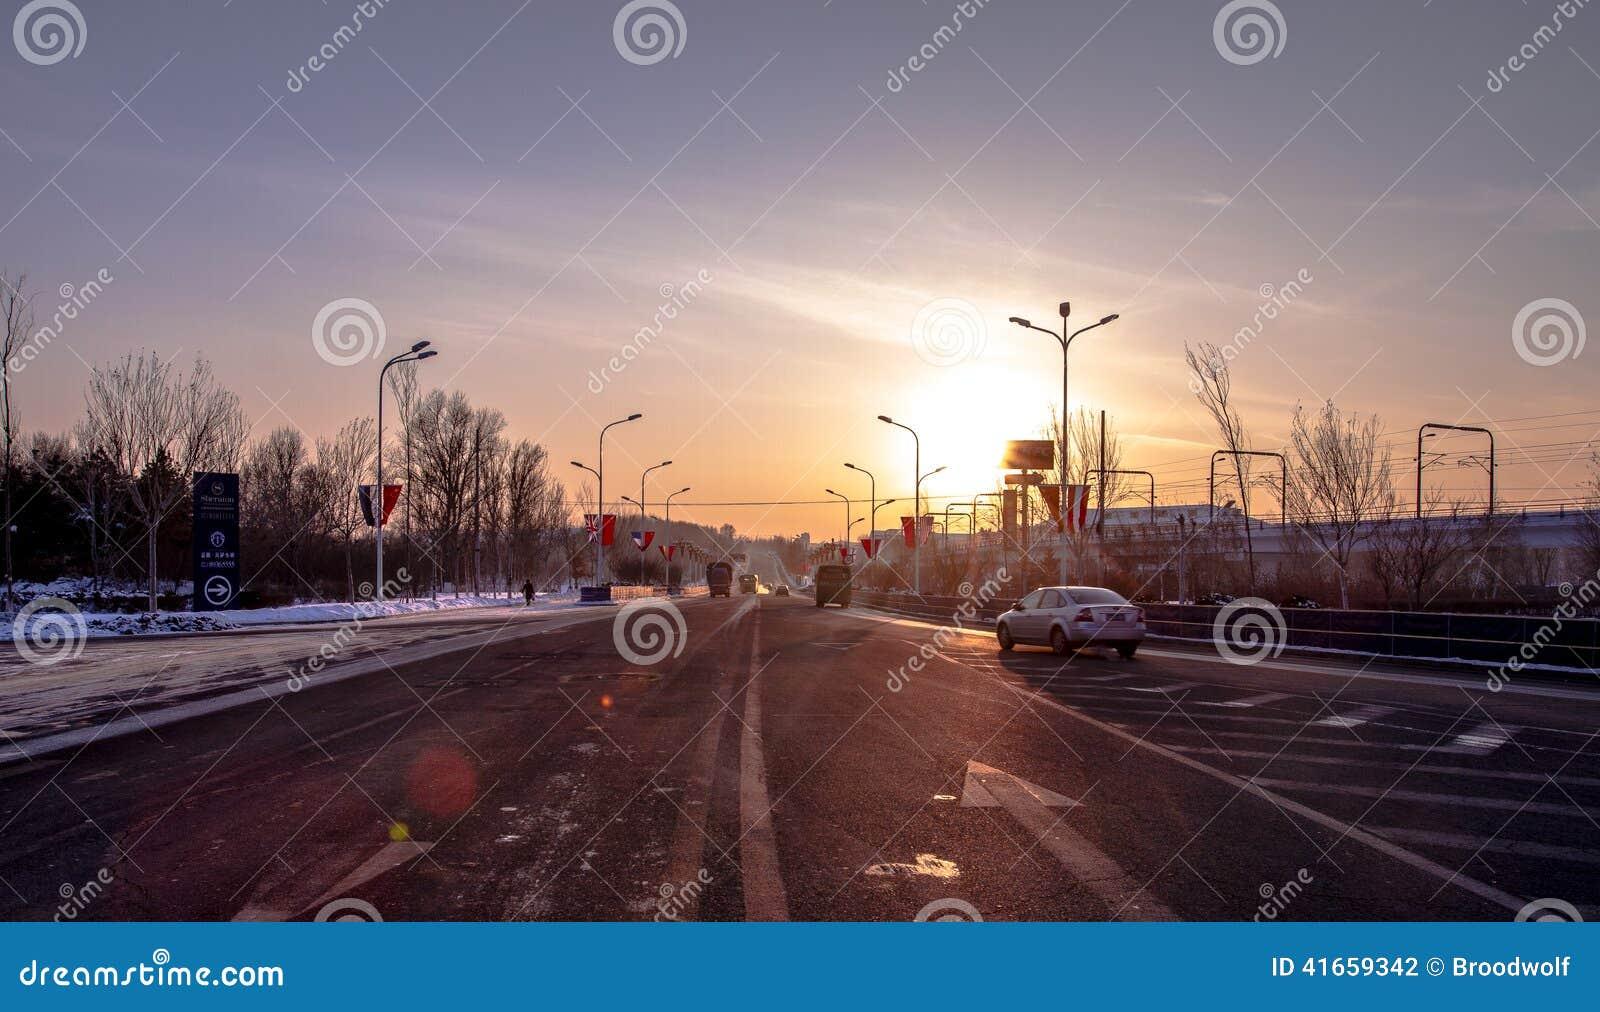 Кольцевая дорога города на заходе солнца с силуэтами управлять кораблями